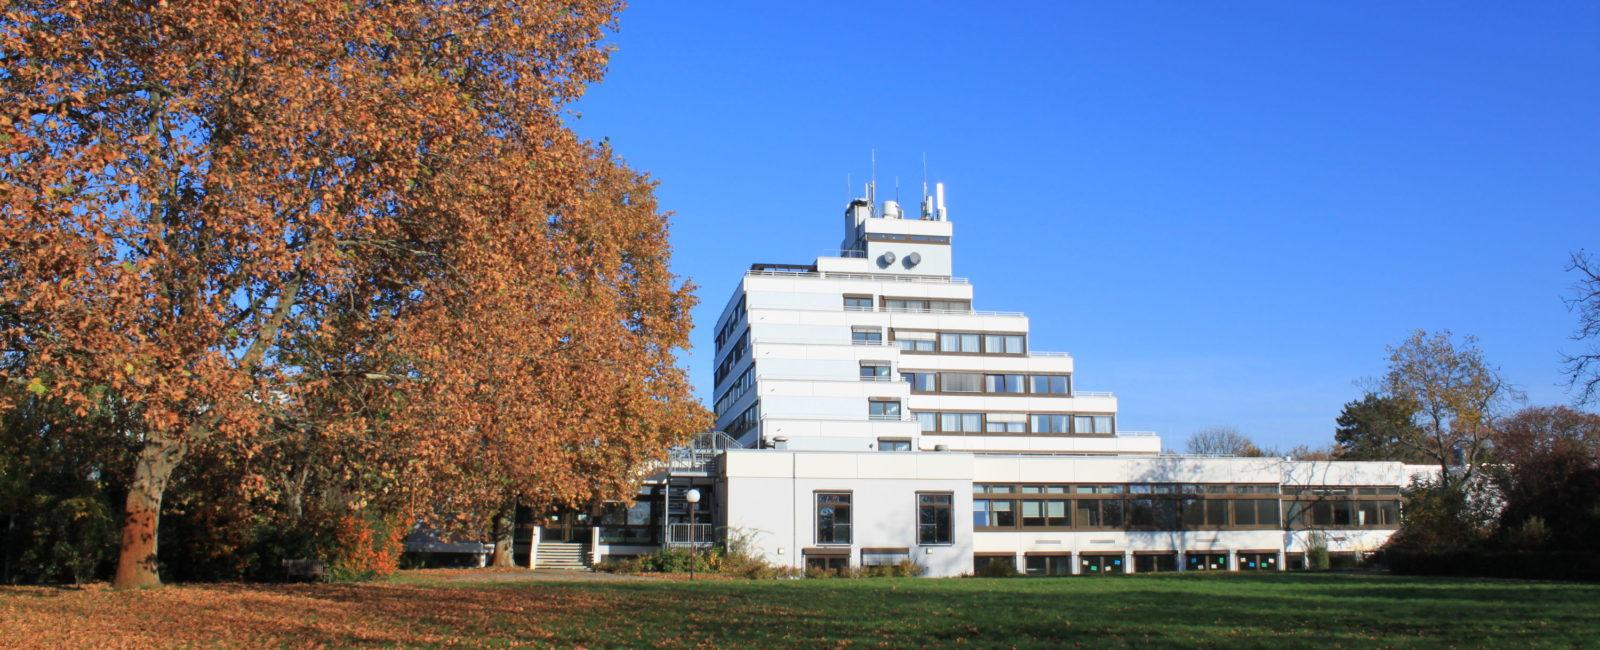 Heinrich Pesch Hotel